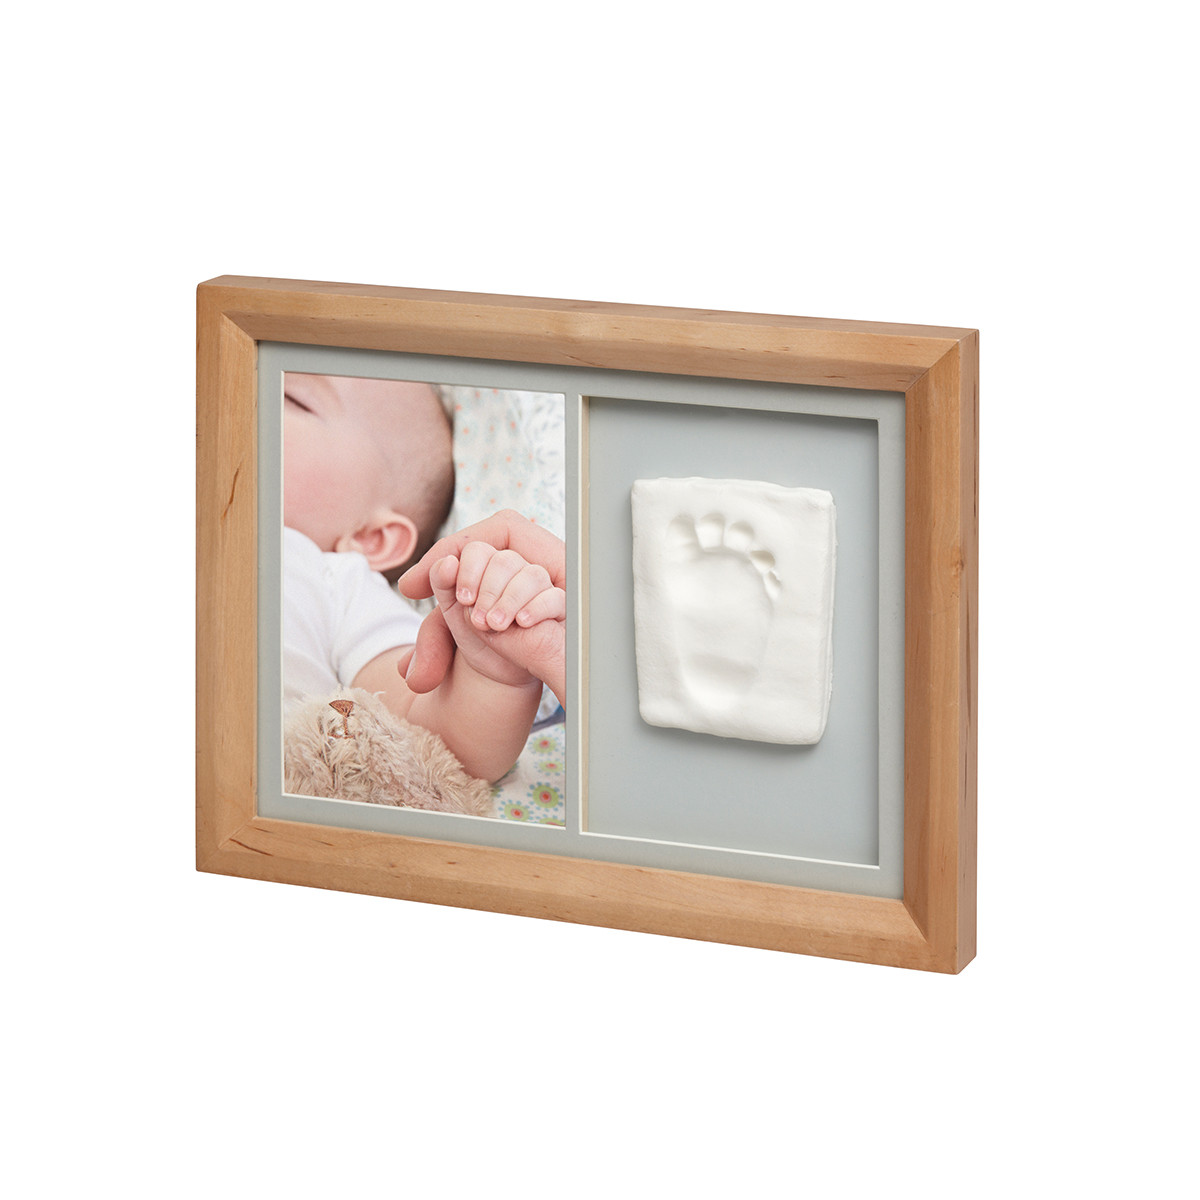 Κορνίζα Τοίχου Αποτύπωμα Baby Art Tiny Touch Honey BR71700 home   βρεφικά   βρεφική διακόσμηση